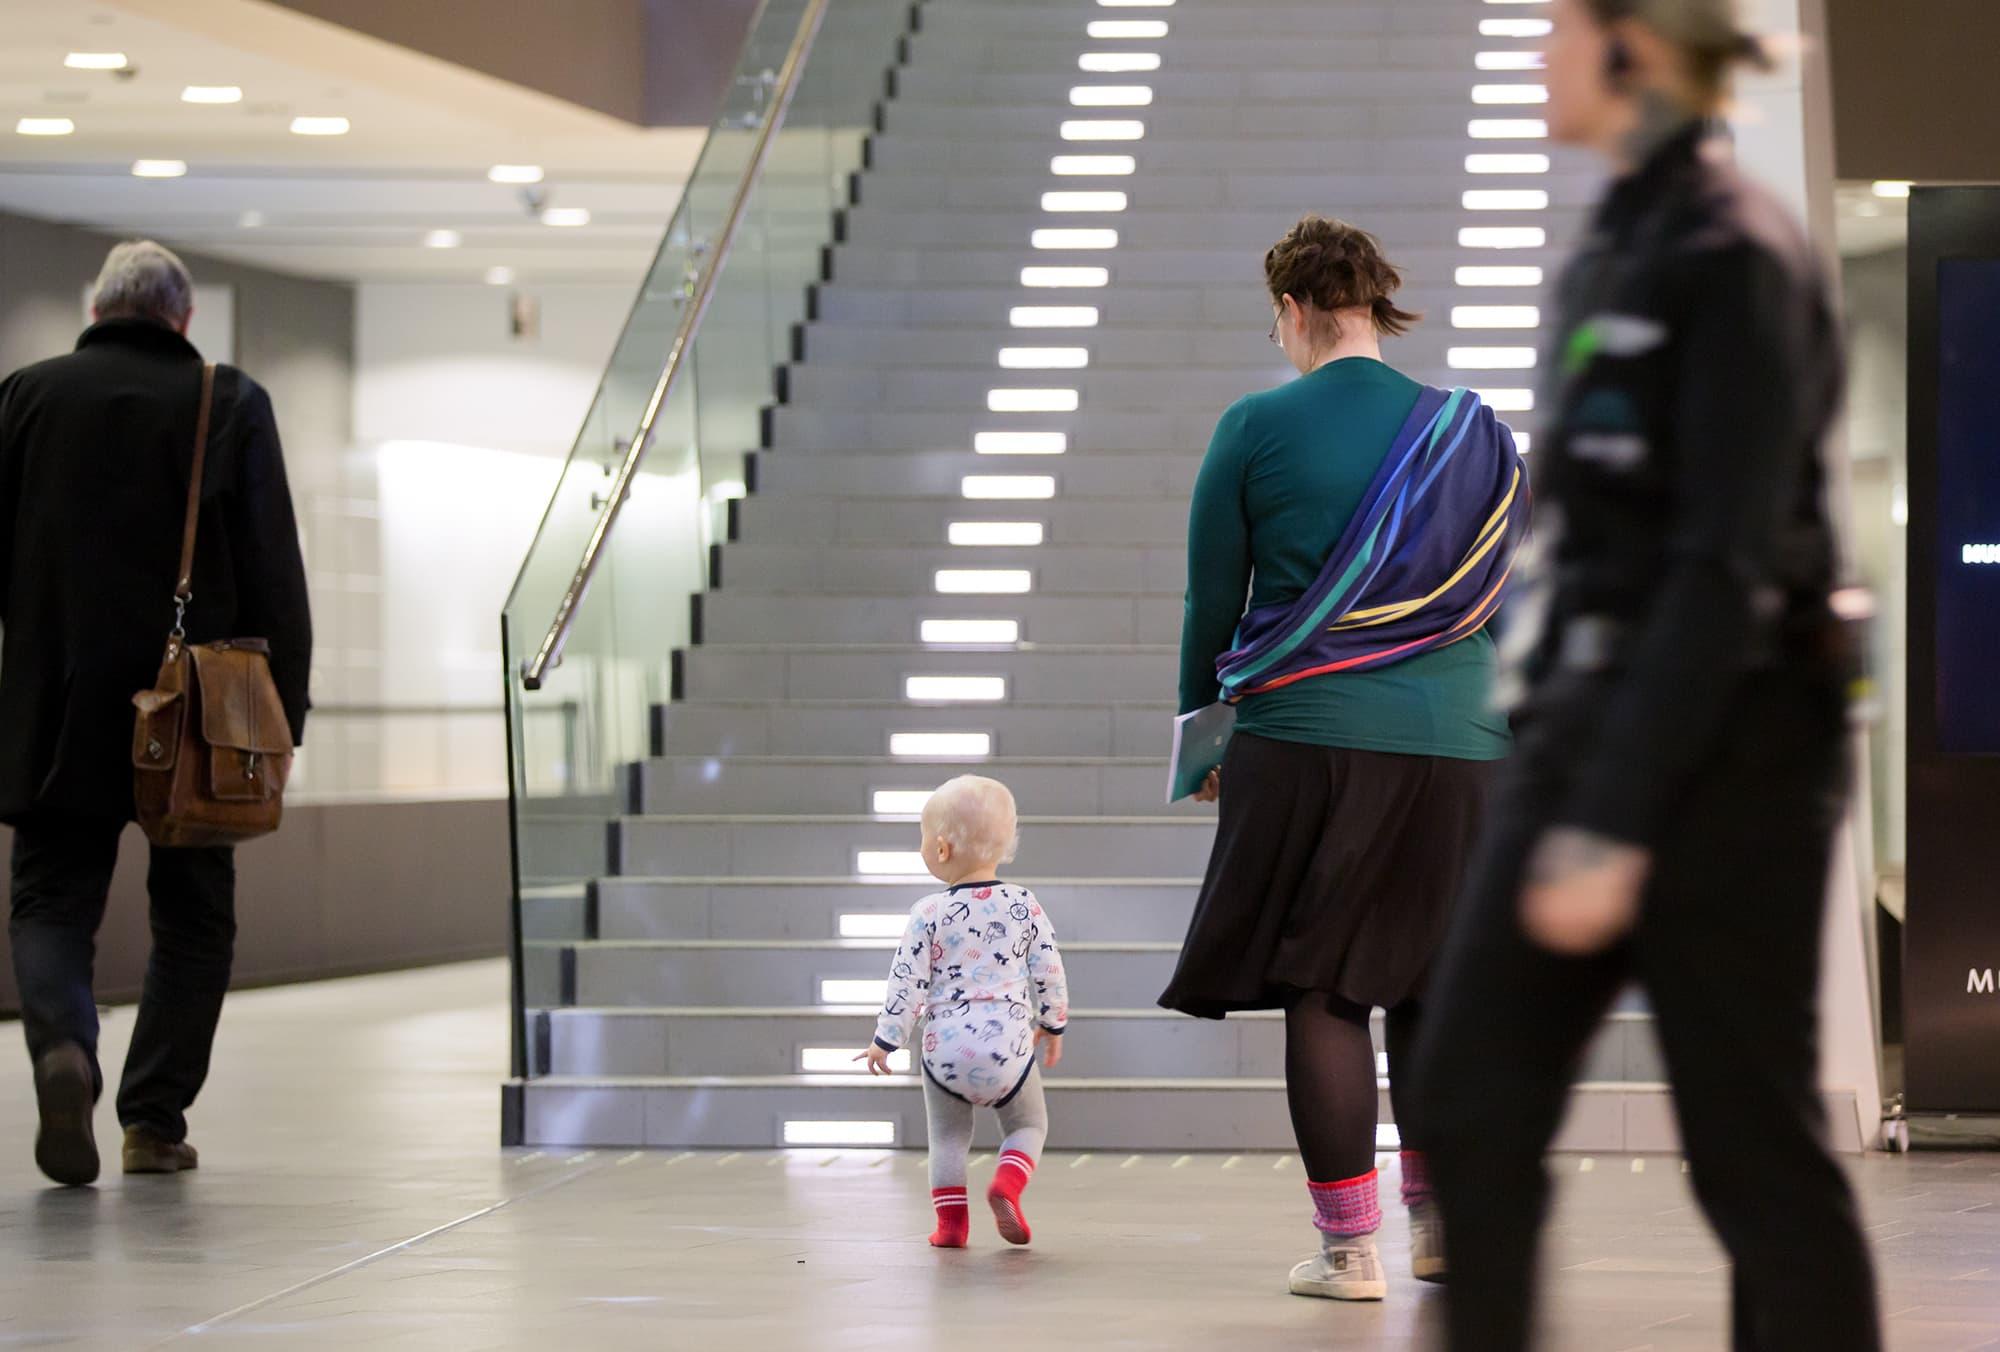 Anonyymi 1-vuotias (noin) taapero ja äiti Musiikkitalossa, 19.10.2016.